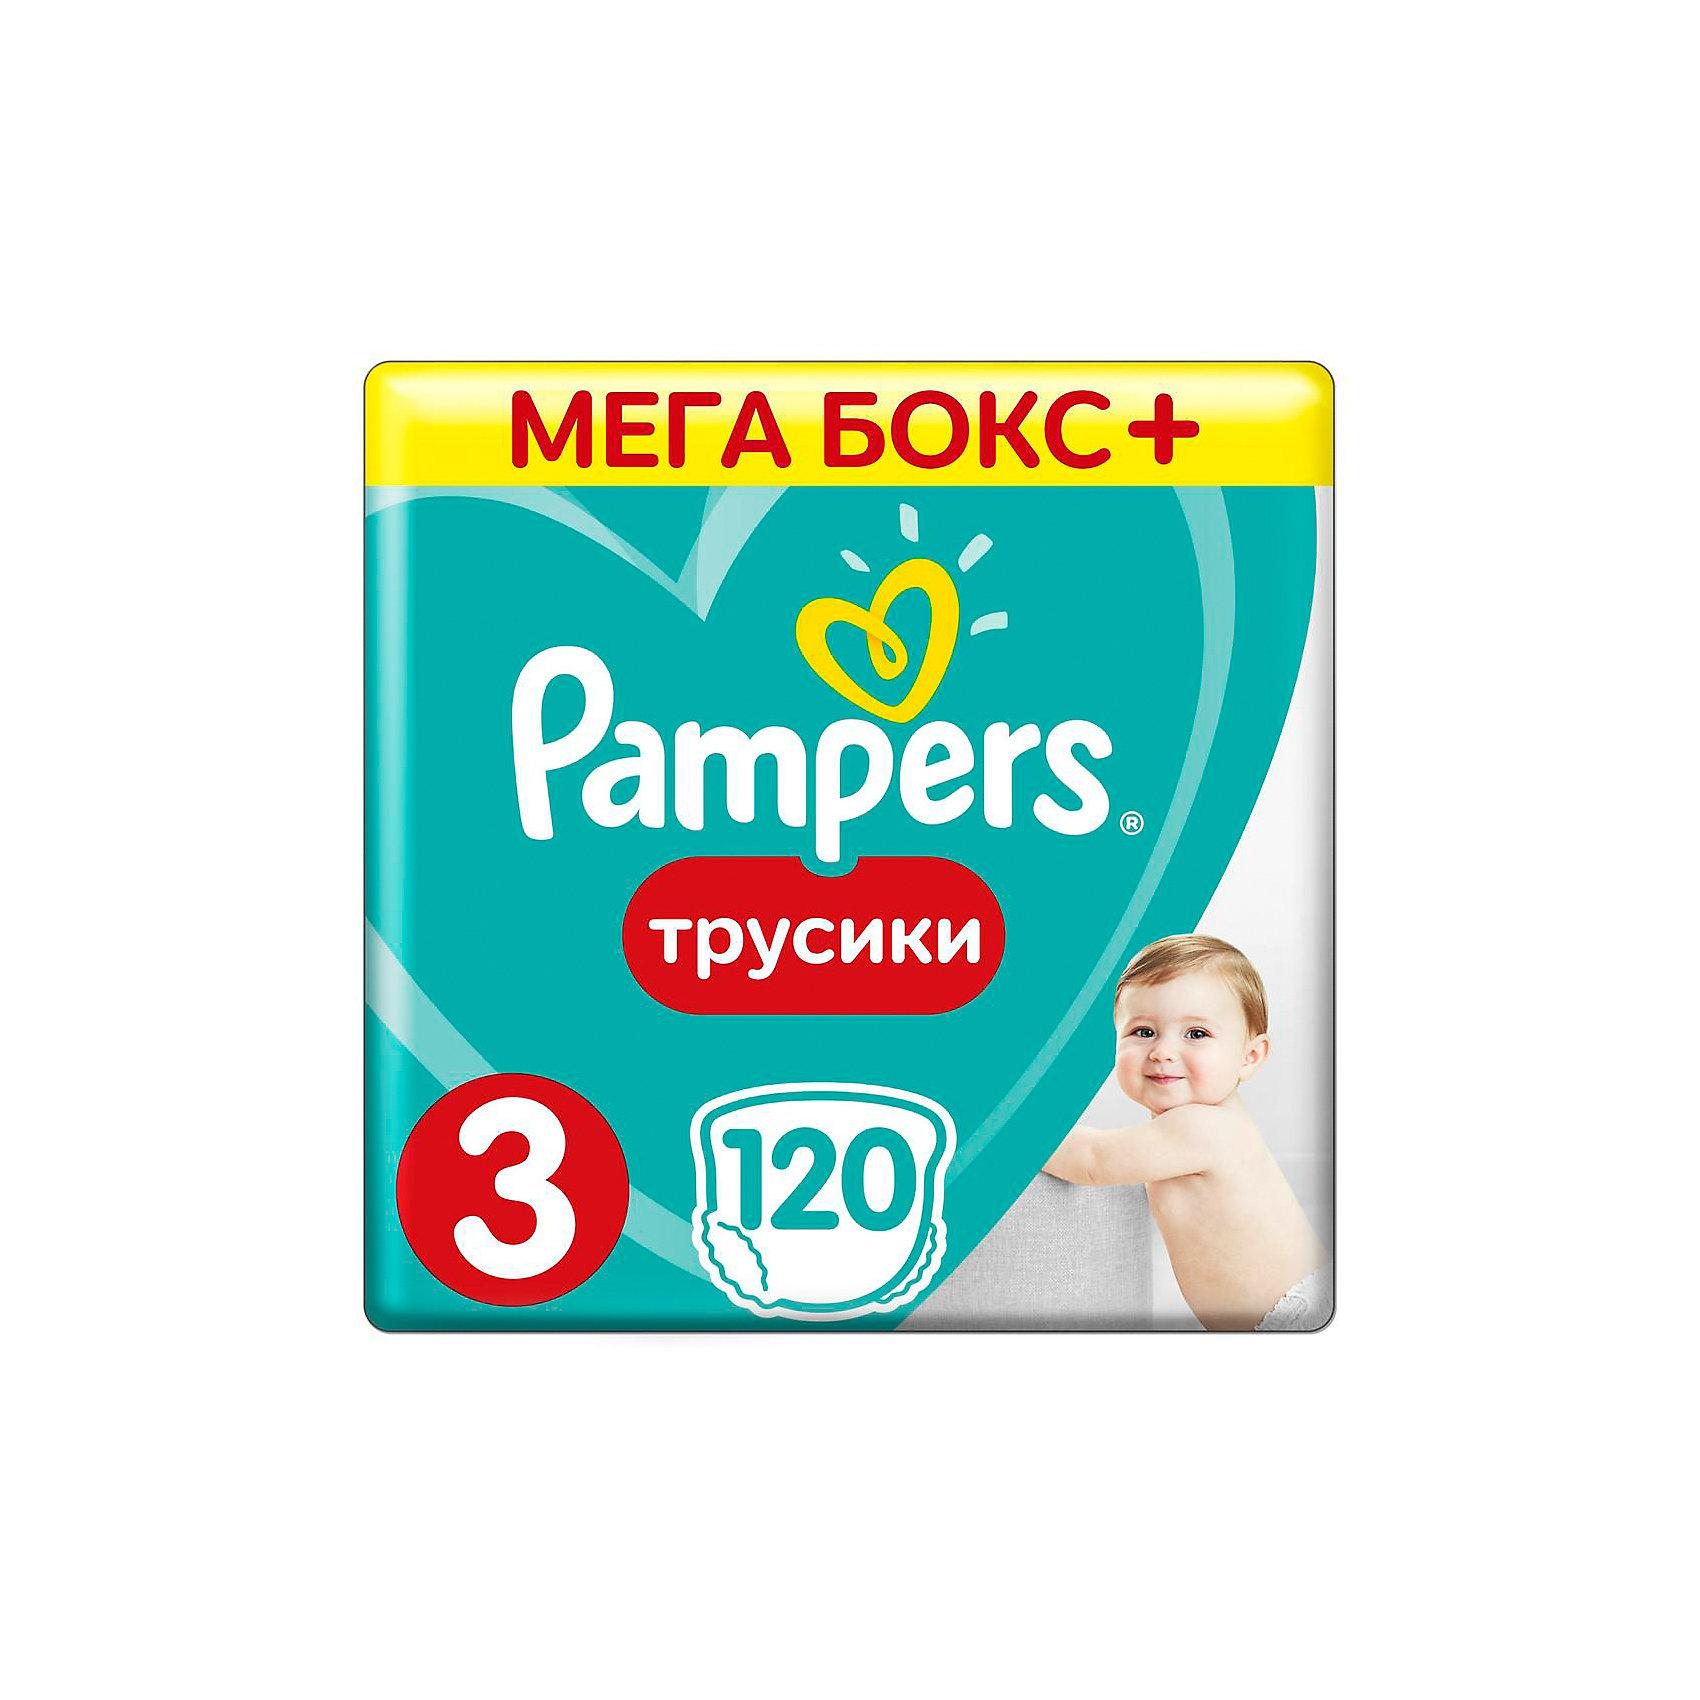 Трусики Pampers Pants, 6-11кг, размер 3, 120 шт., PampersТрусики-подгузники<br>Характеристики:<br><br>• Вид подгузника: трусики<br>• Пол: универсальный<br>• Тип подгузника: одноразовый<br>• Коллекция: Active Baby<br>• Предназначение: для ночного сна <br>• Размер: 3<br>• Вес ребенка: от 6 до 11 кг<br>• Количество в упаковке: 120 шт.<br>• Упаковка: картонная коробка<br>• Размер упаковки: 41*28,7*30,8 см<br>• Вес в упаковке: 3 кг 197 г<br>• Наружные боковые швы<br>• До 12 часов сухости<br>• Эластичные резинки <br>• Дышащие материалы<br>• Повышенные впитывающие свойства<br><br>Трусики Pampers Pants, 6-11 кг, размер 3, 120 шт., Pampers – это новейшая линейка детских подгузников от Pampers, которая сочетает в себе высокое качество и безопасность материалов, удобство использования и комфорт для нежной кожи малыша. Подгузники выполнены в виде трусиков и предназначены для детей весом до 11 кг. Инновационные технологии и современные материалы обеспечивают этим подгузникам Дышащие свойства, что особенно важно для кожи малыша. Повышенные впитывающие качества изделию обеспечивают специальные микрогранулы, сохраняя верхний слой сухим до 12 часов, именно поэтому эту линейку трусиков производитель рекомендует использовать для ночного сна. <br><br>У трусиков предусмотрена эластичная мягкая резиночка на спинке и манжеты на ножках, что защищает от протекания. Боковые наружные швы не натирают нежную кожу малыша, легко разрываются при смене трусиков. Сзади имеется клейкая лента, которая позволяет зафиксировать свернутые после использования трусики. Трусики подходит как для мальчиков, так и для девочек. <br><br>Трусики Pampers Pants, 6-11 кг, размер 3, 120 шт., Pampers можно купить в нашем интернет-магазине.<br><br>Ширина мм: 431<br>Глубина мм: 245<br>Высота мм: 307<br>Вес г: 3083<br>Возраст от месяцев: 6<br>Возраст до месяцев: 12<br>Пол: Унисекс<br>Возраст: Детский<br>SKU: 6837468